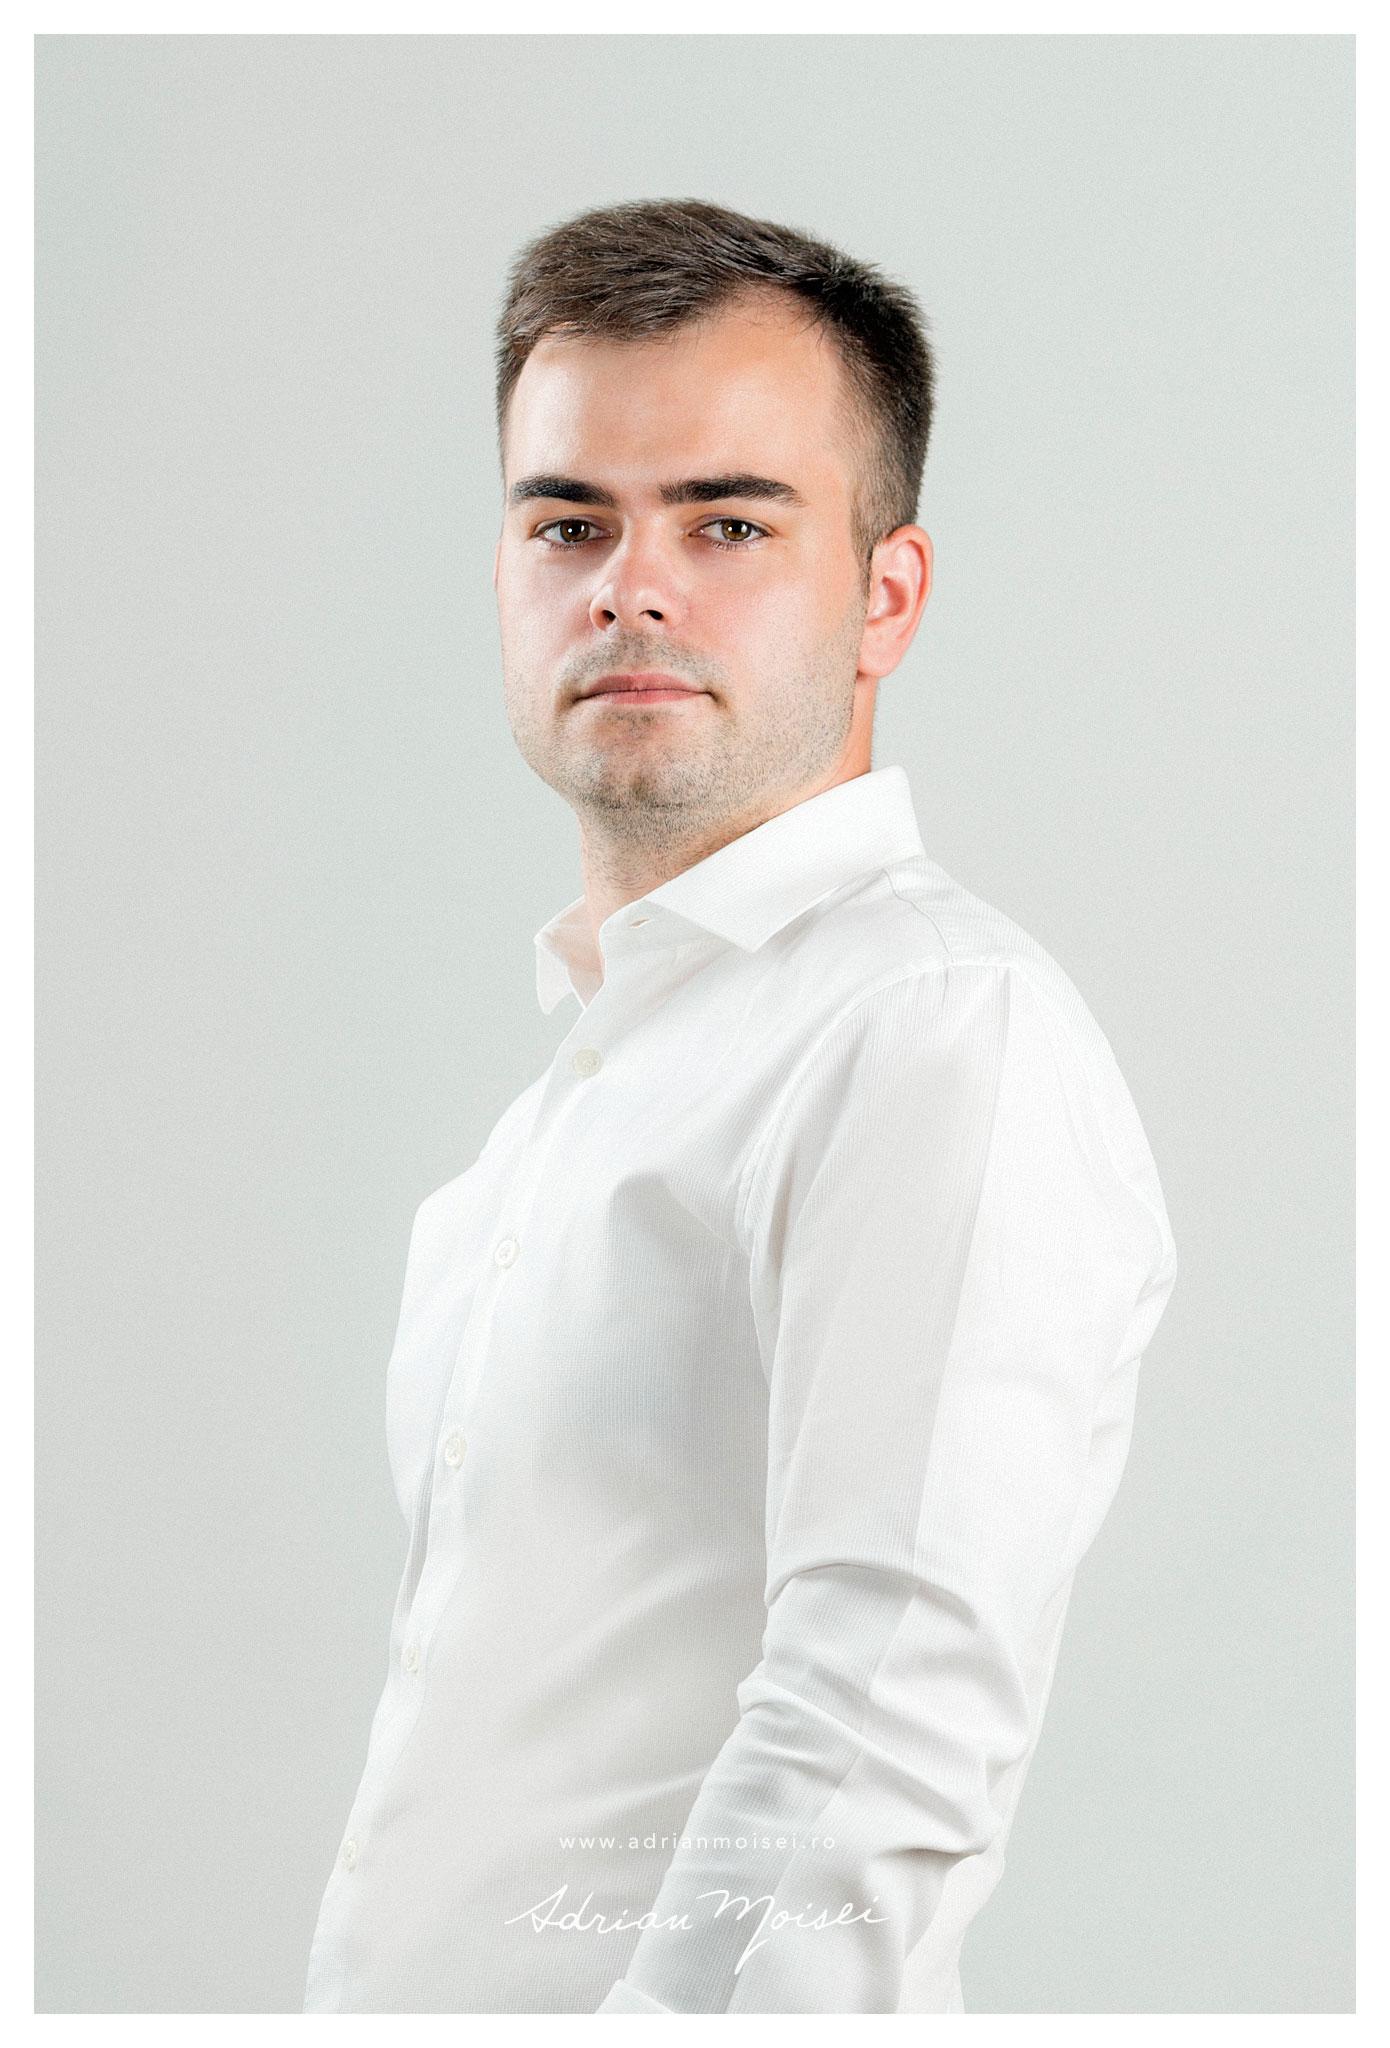 Fotografie headshots & portraits in Iasi, studio foto Adrian Moisei